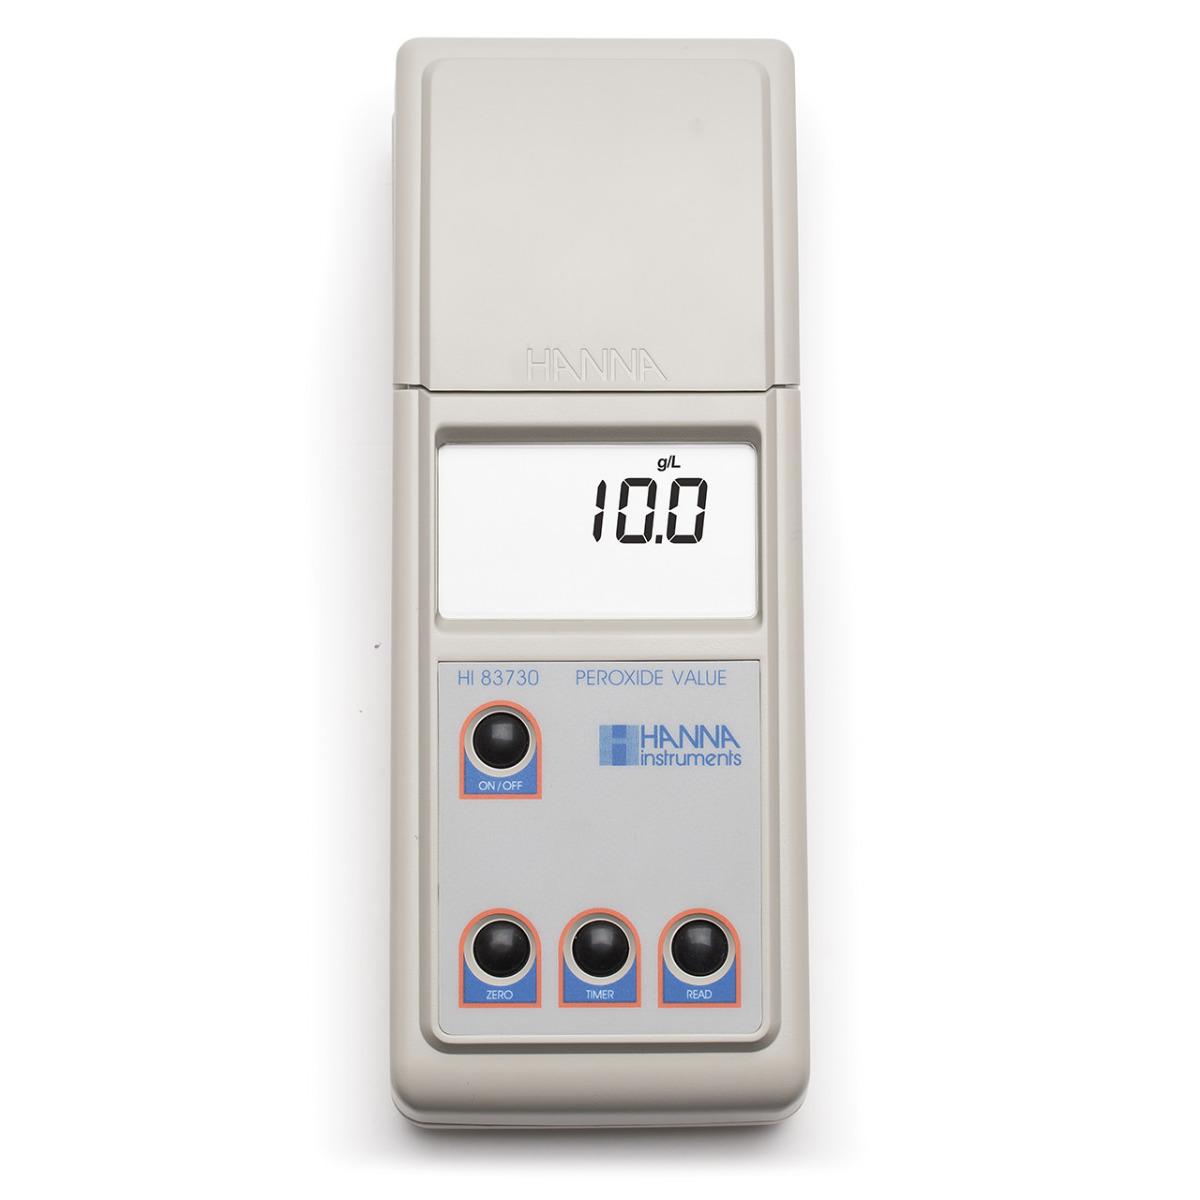 HI83730 - Fotometro per l'analisi dei perossidi nell'olio